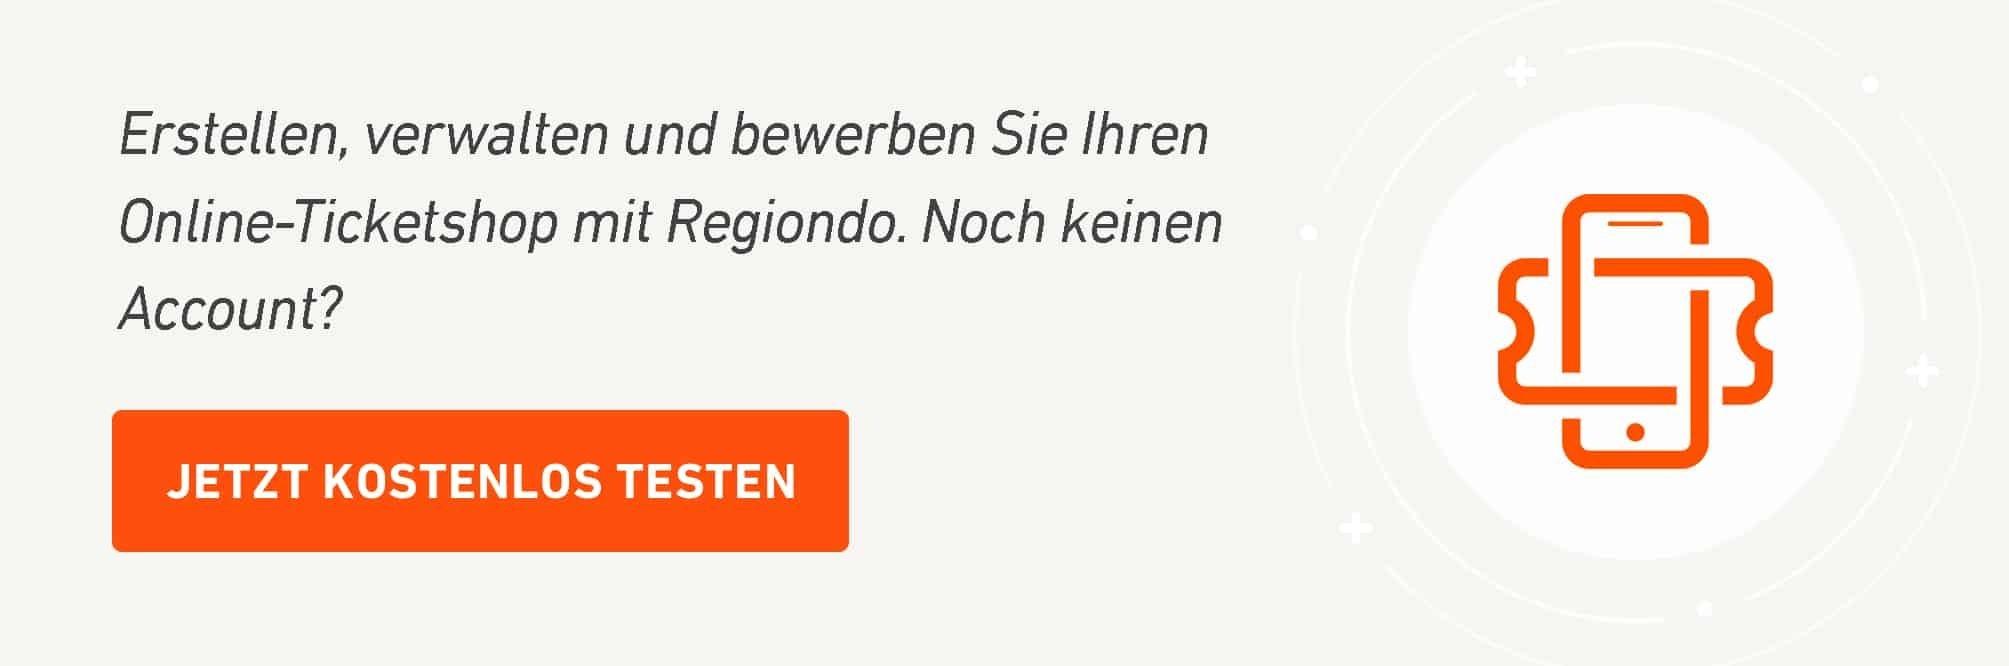 Strategien_fuer_Tourismusmarketing_kostenlosen_Testaccount_erstellen